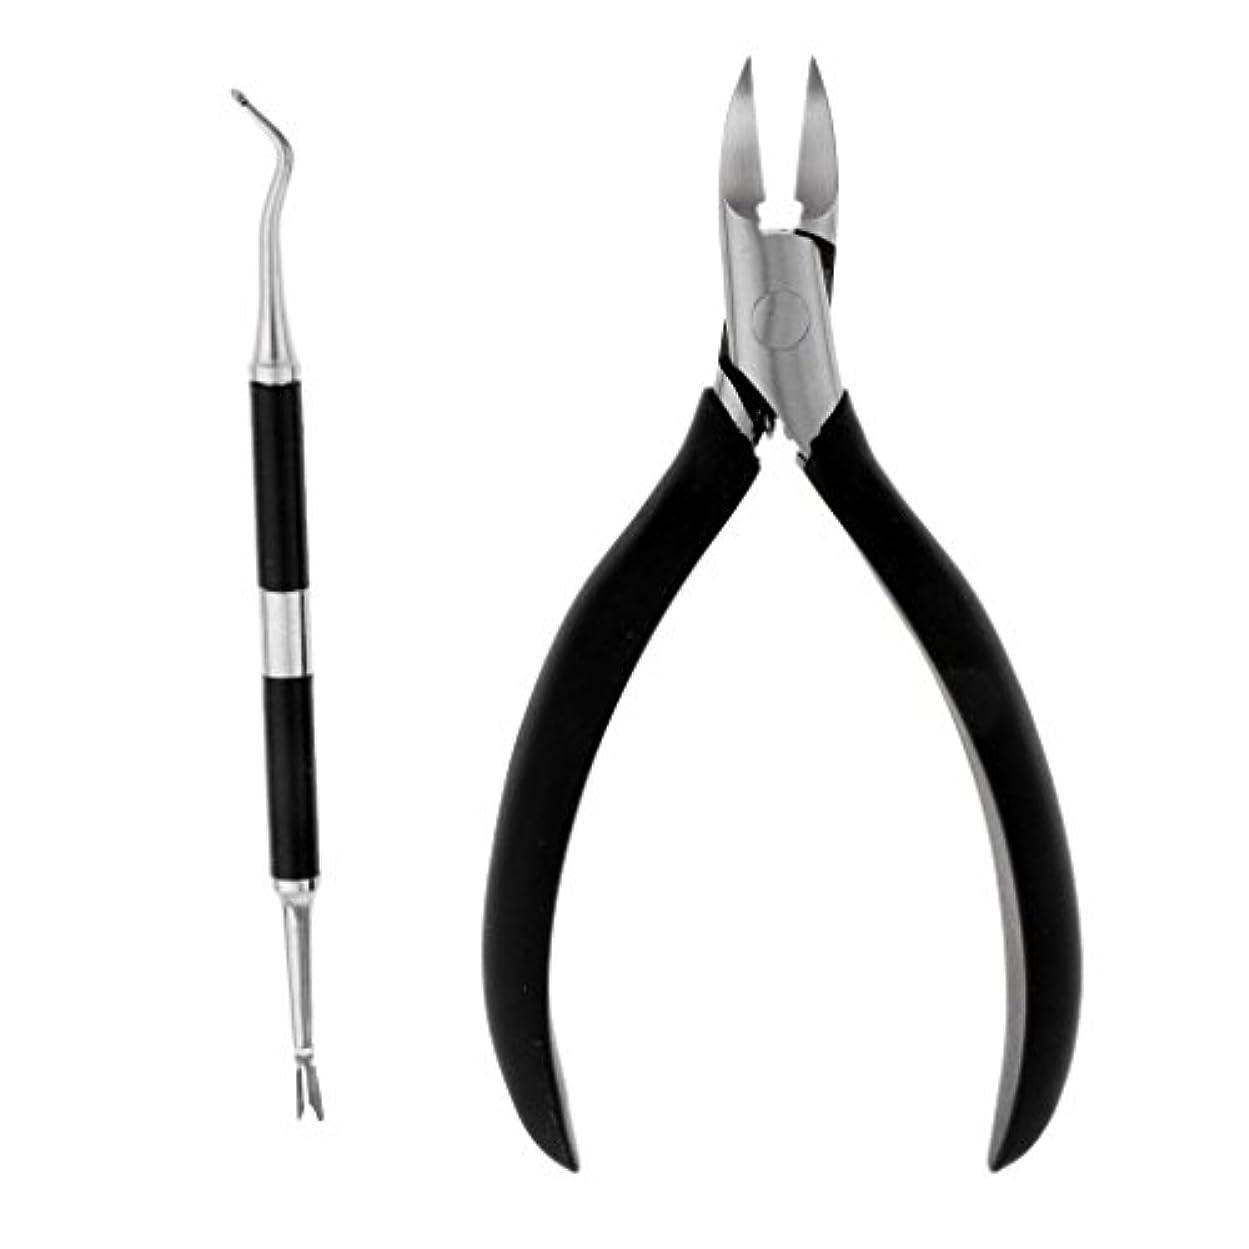 Sharplace 爪カッター クリッパー 陥入爪 爪やすり 爪切り 甘皮切れ プロ 爪のファイルとリフター プロ ネイルサロン 2点入り  - ブラック